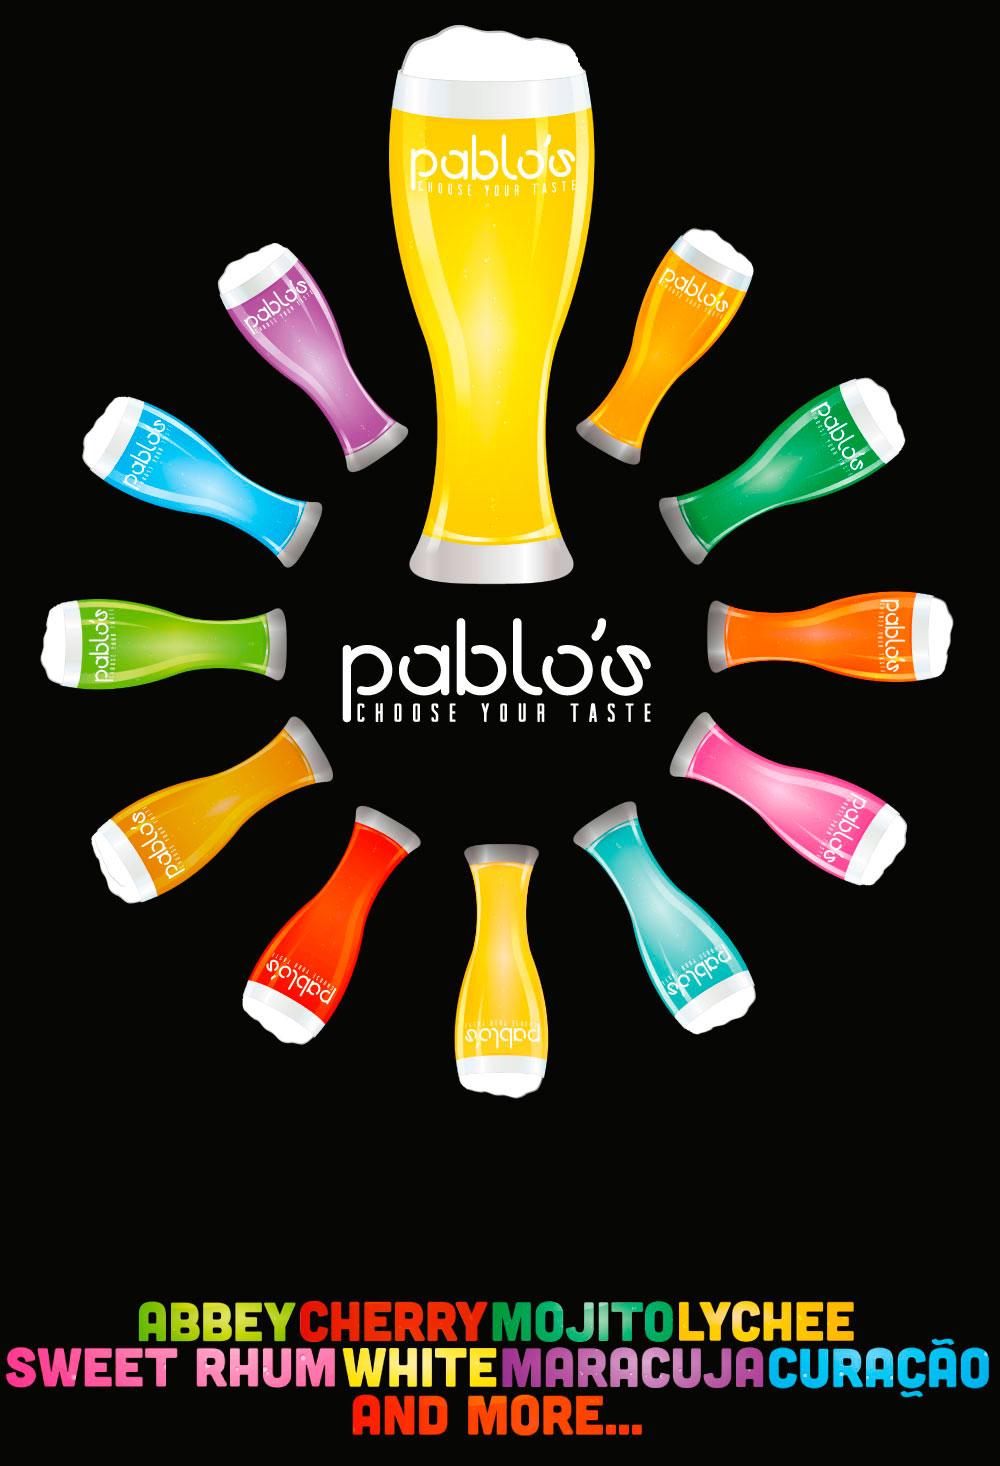 Pablosbeer